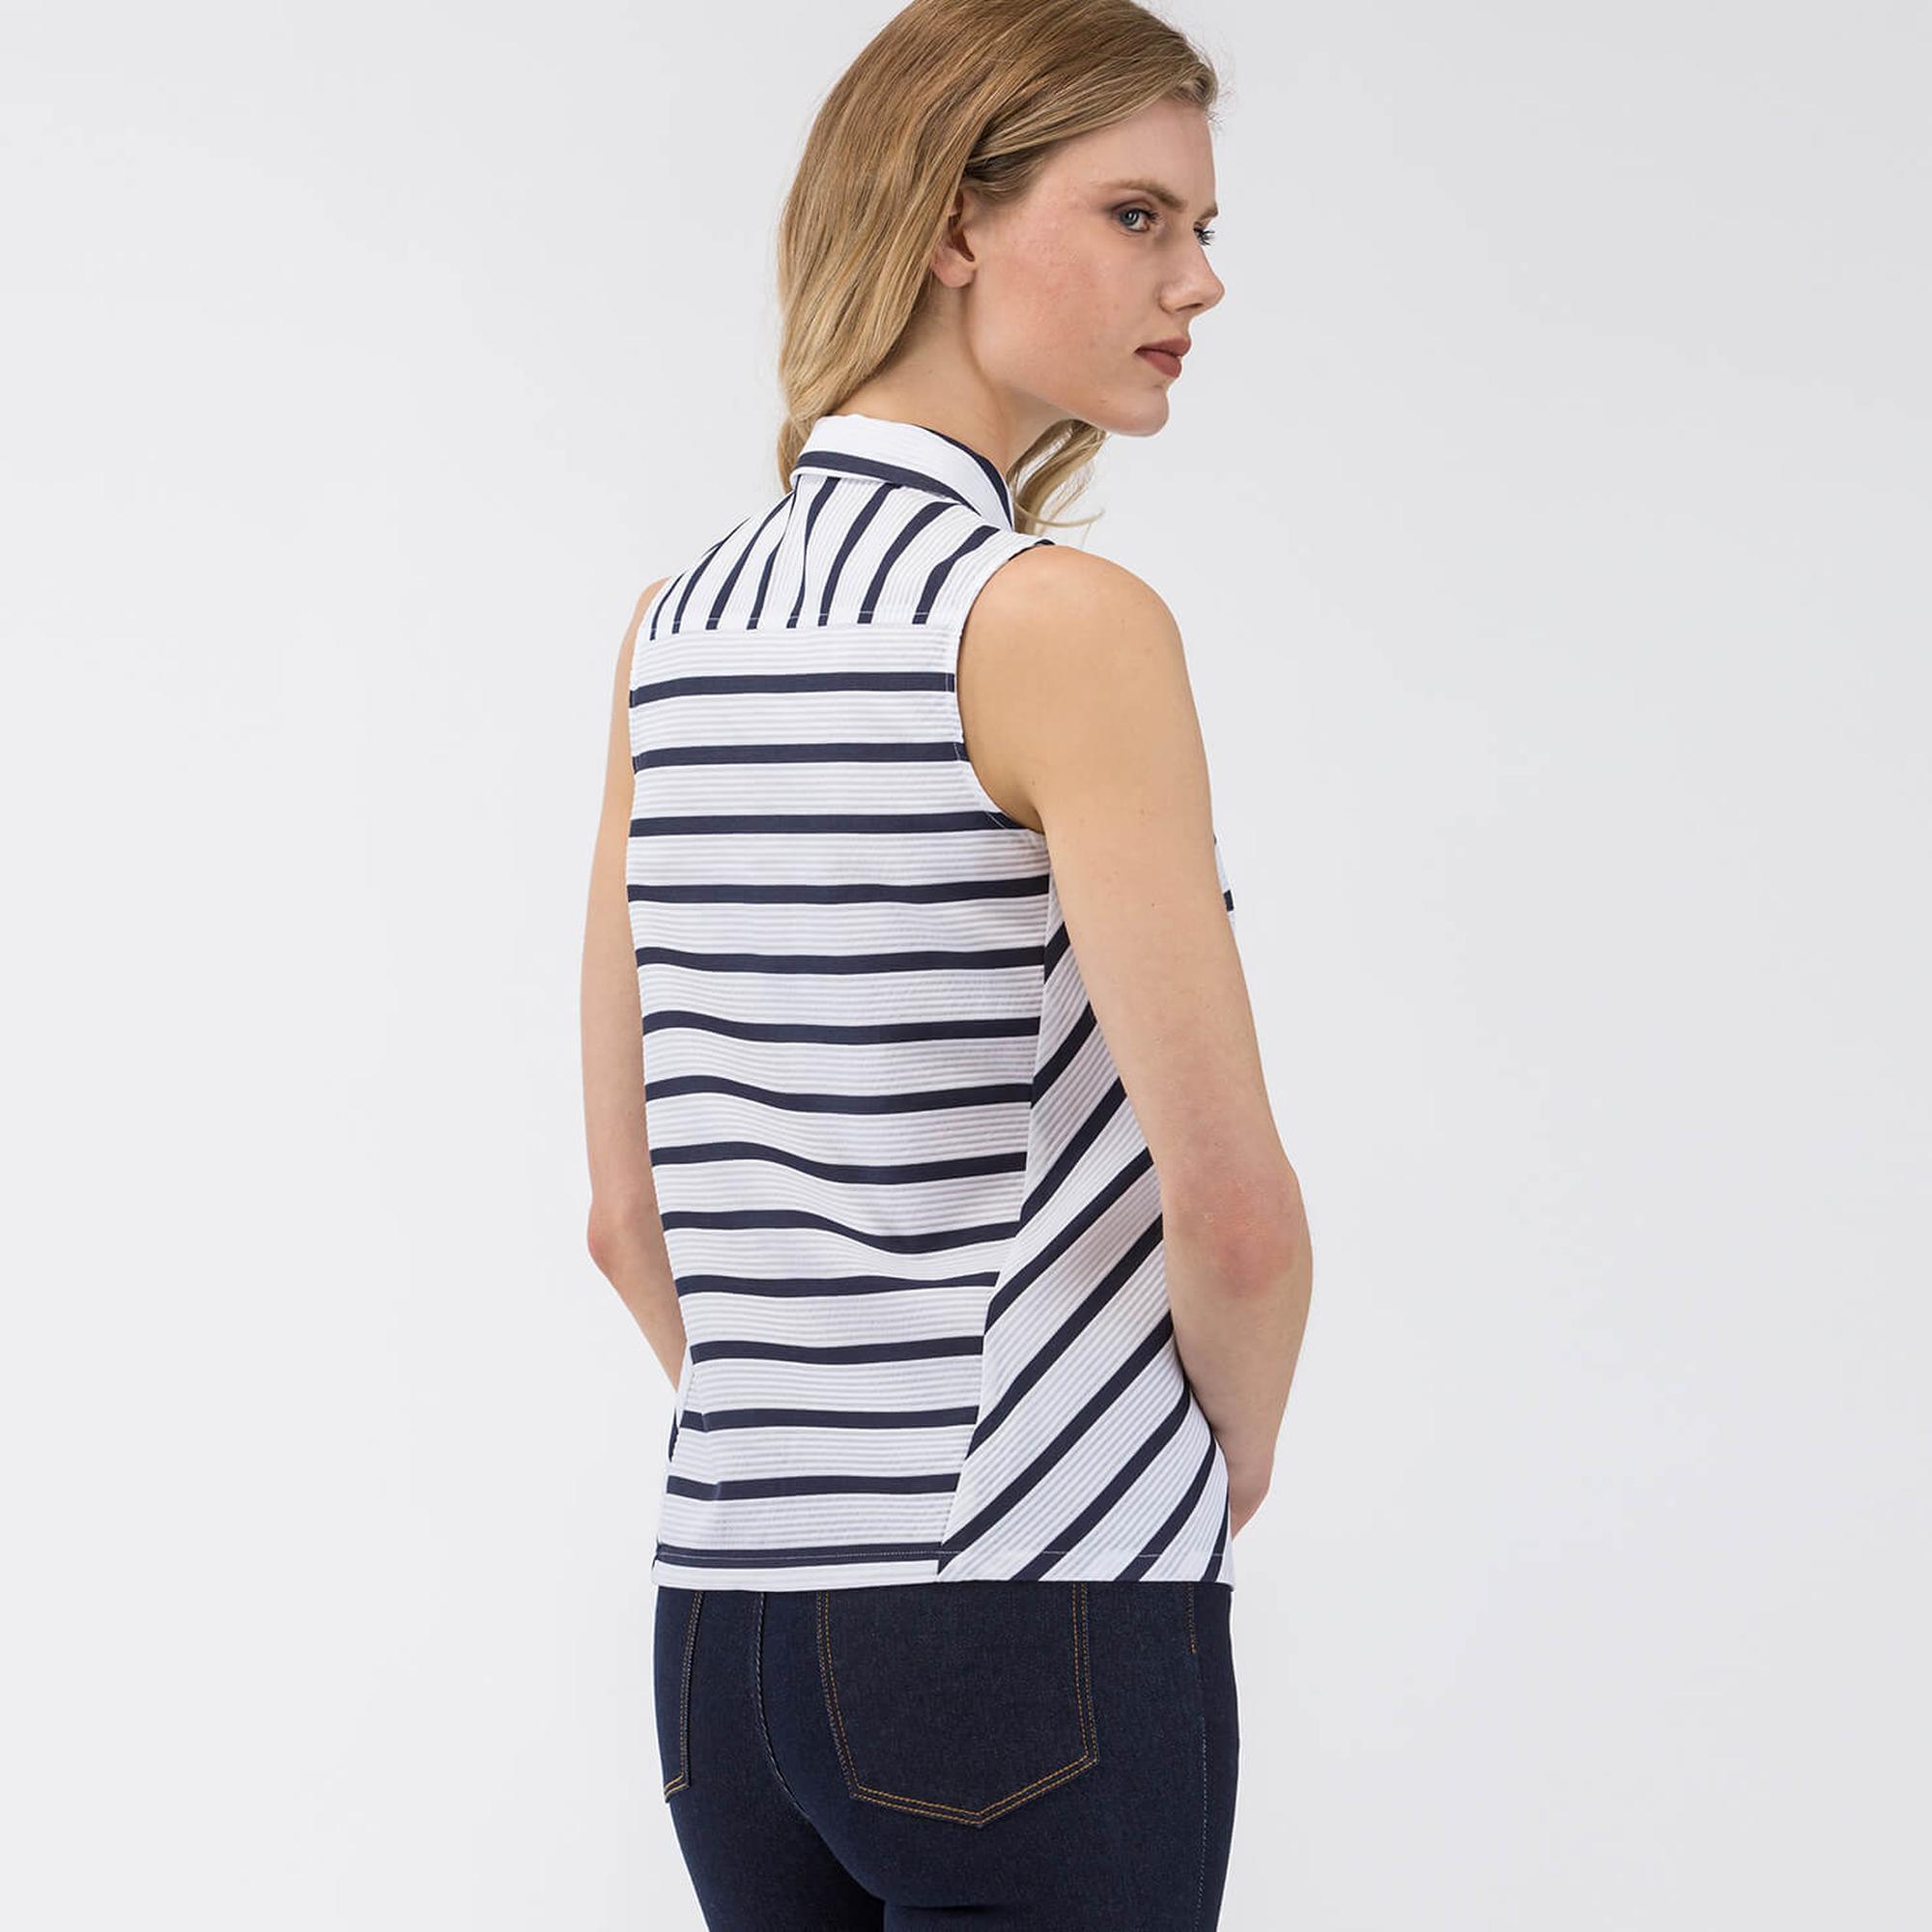 Lacoste L!VE Women's Striped Poplin Shirt